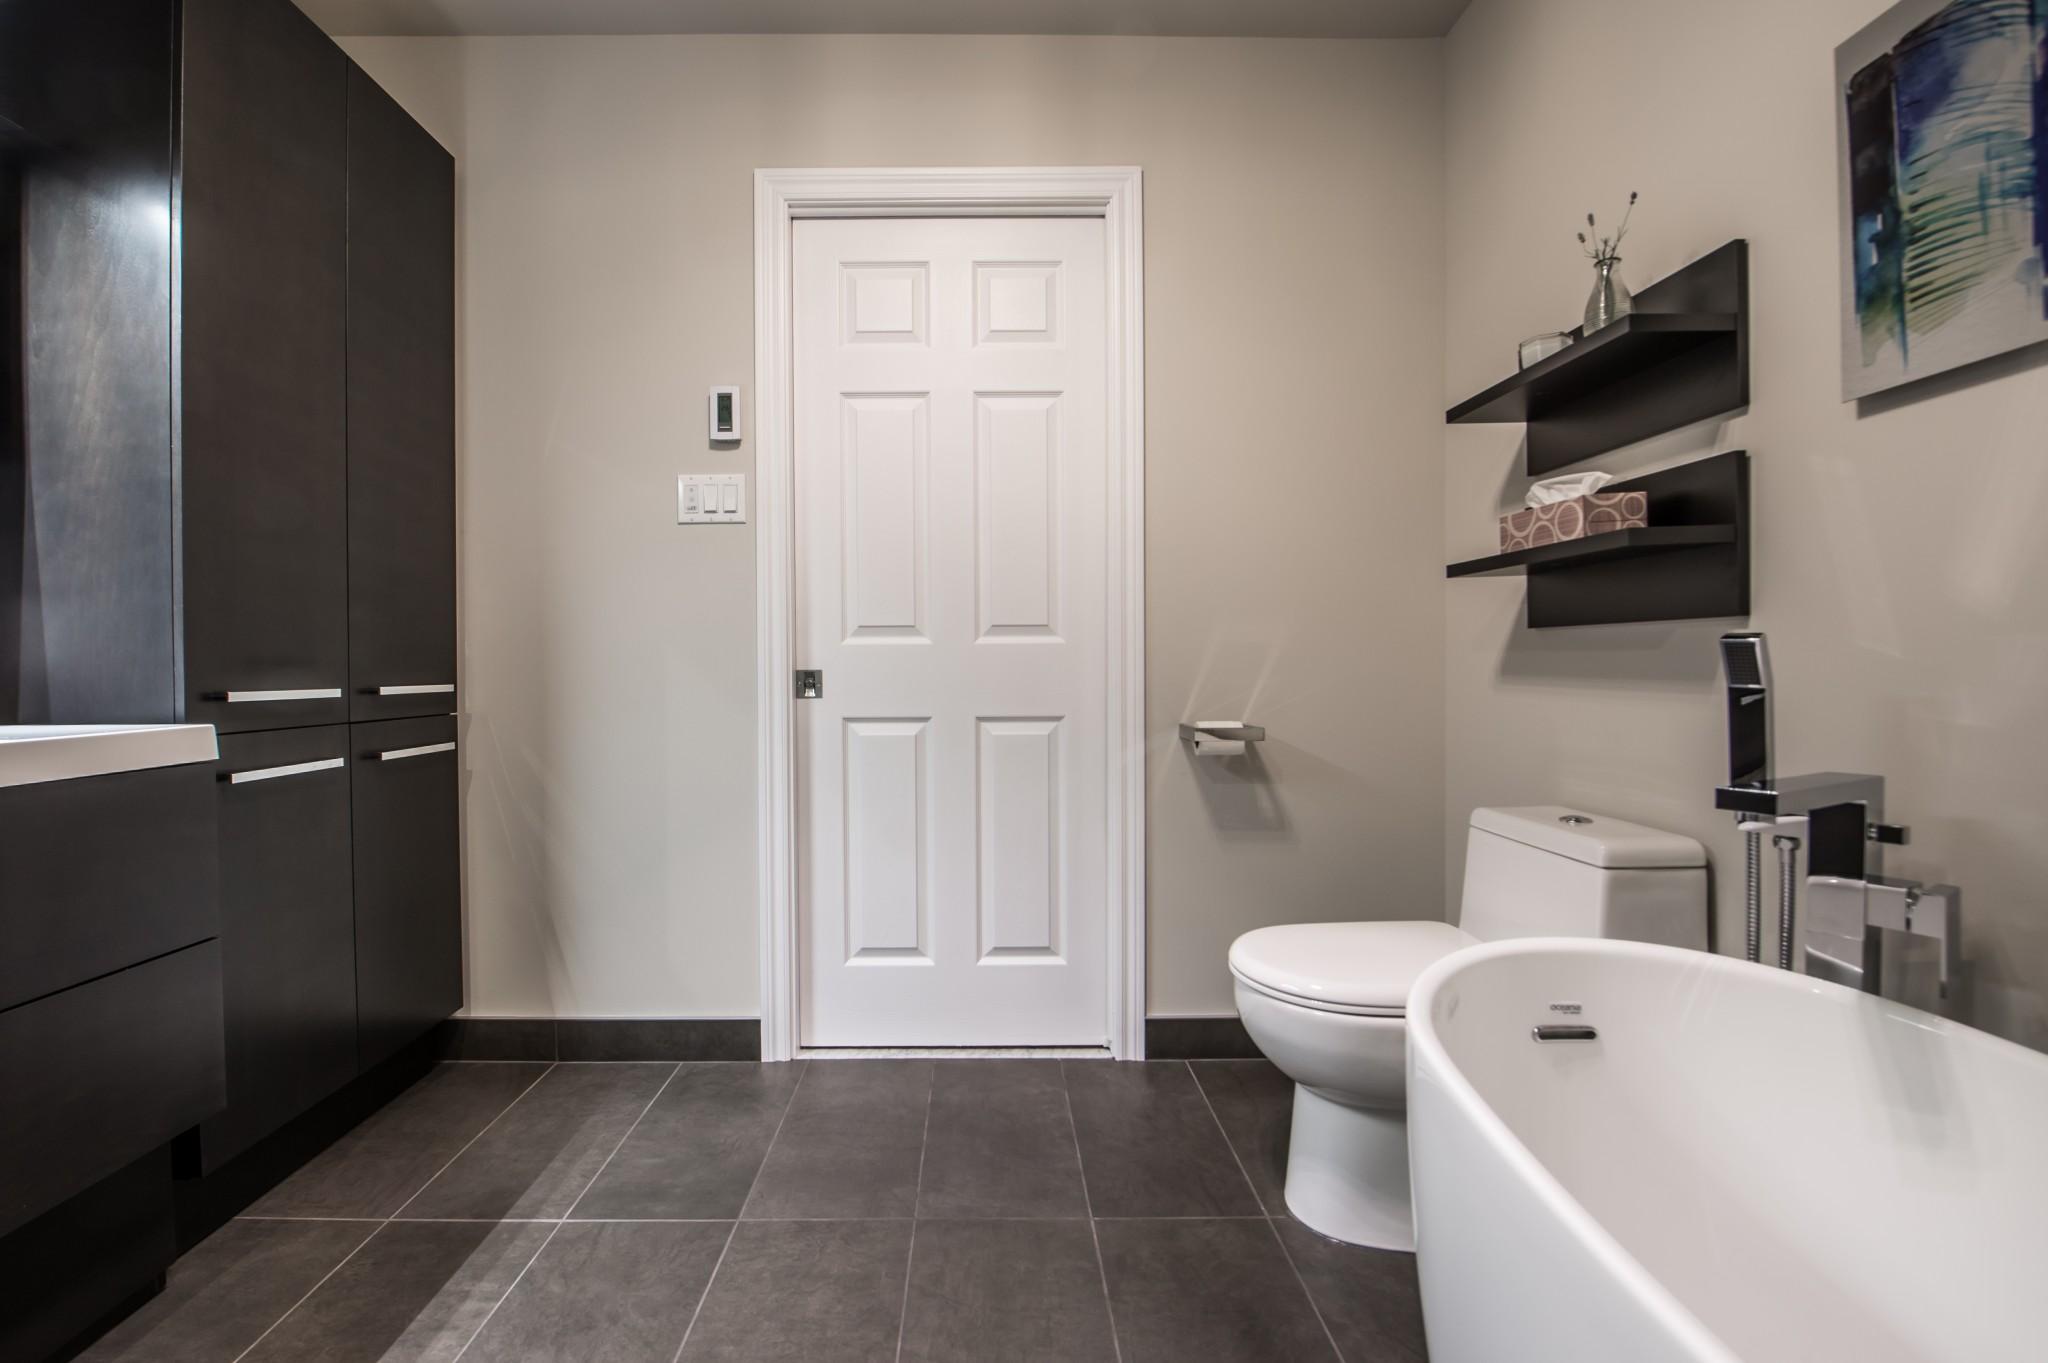 salle de bain renovee maison